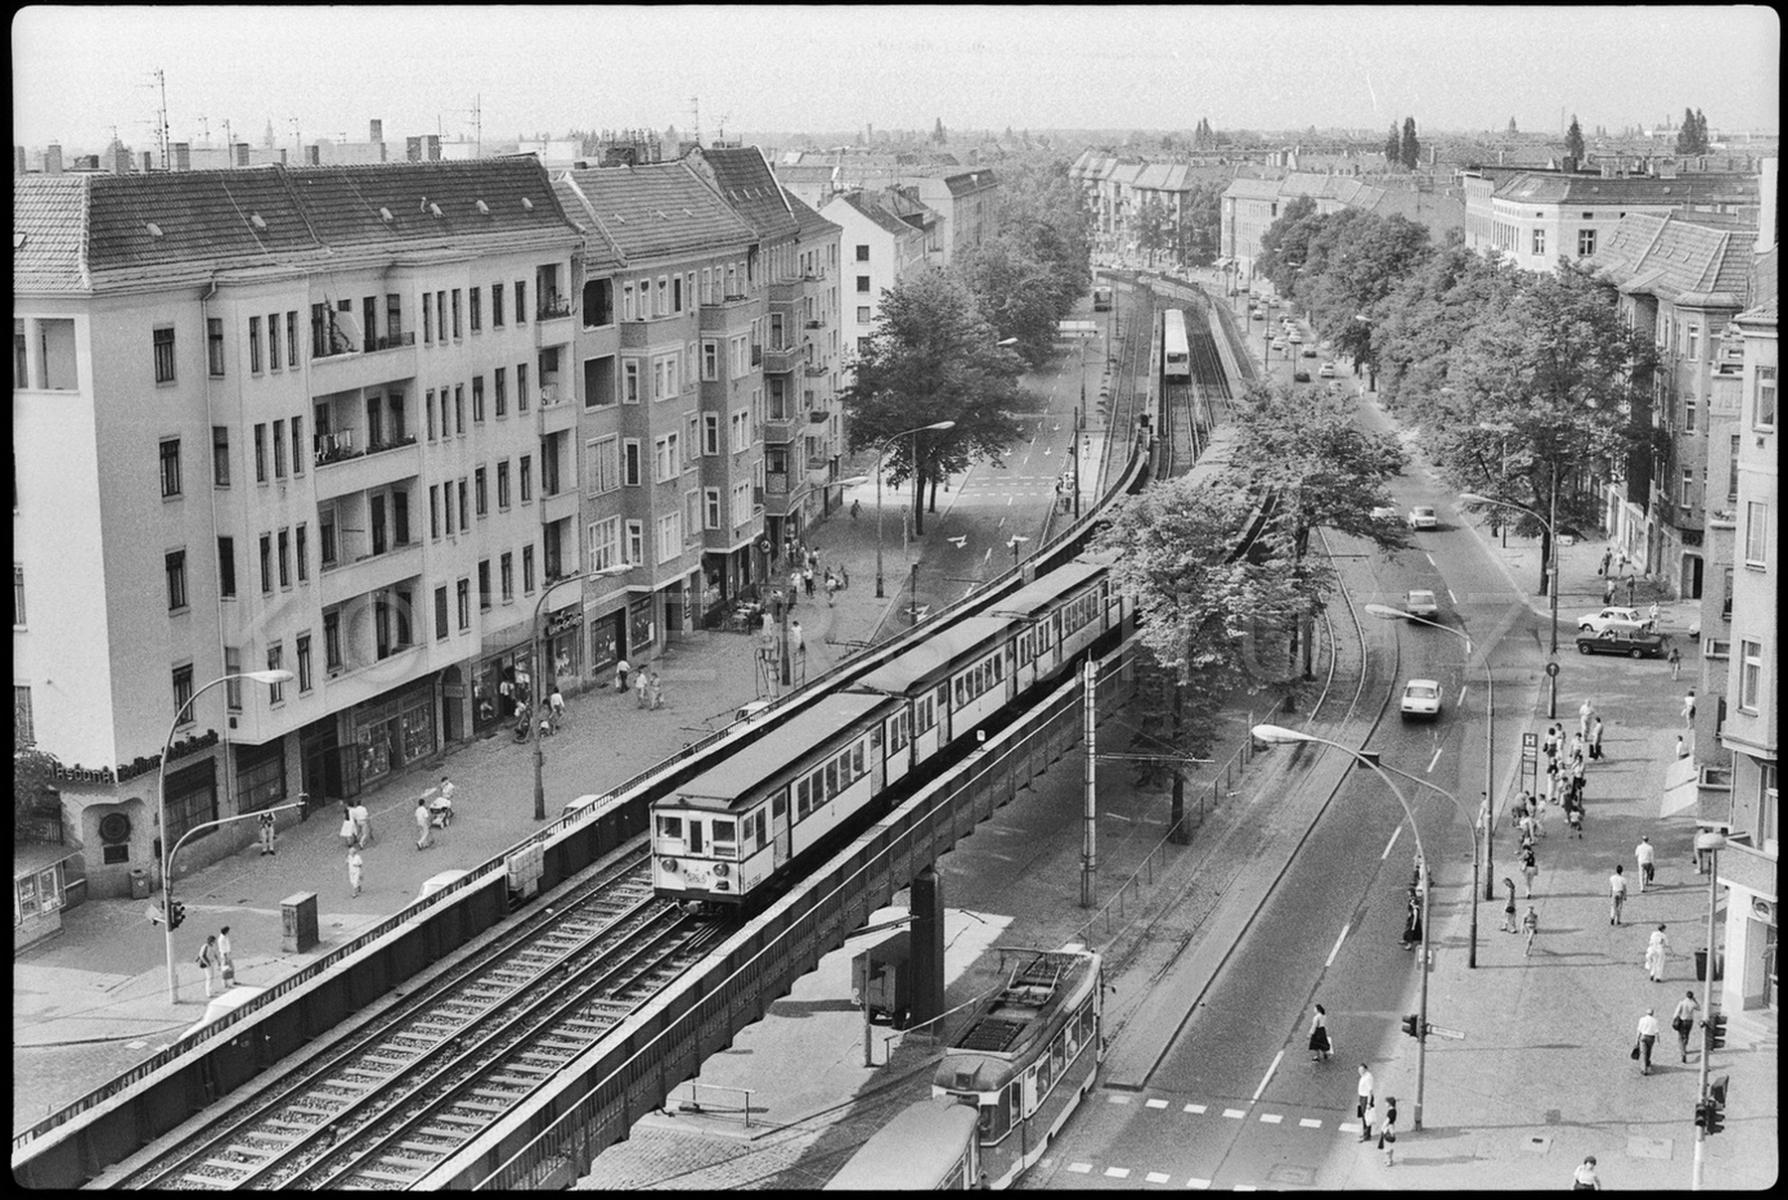 Nr02-083_Schönhauser-Allee-26.5.1989